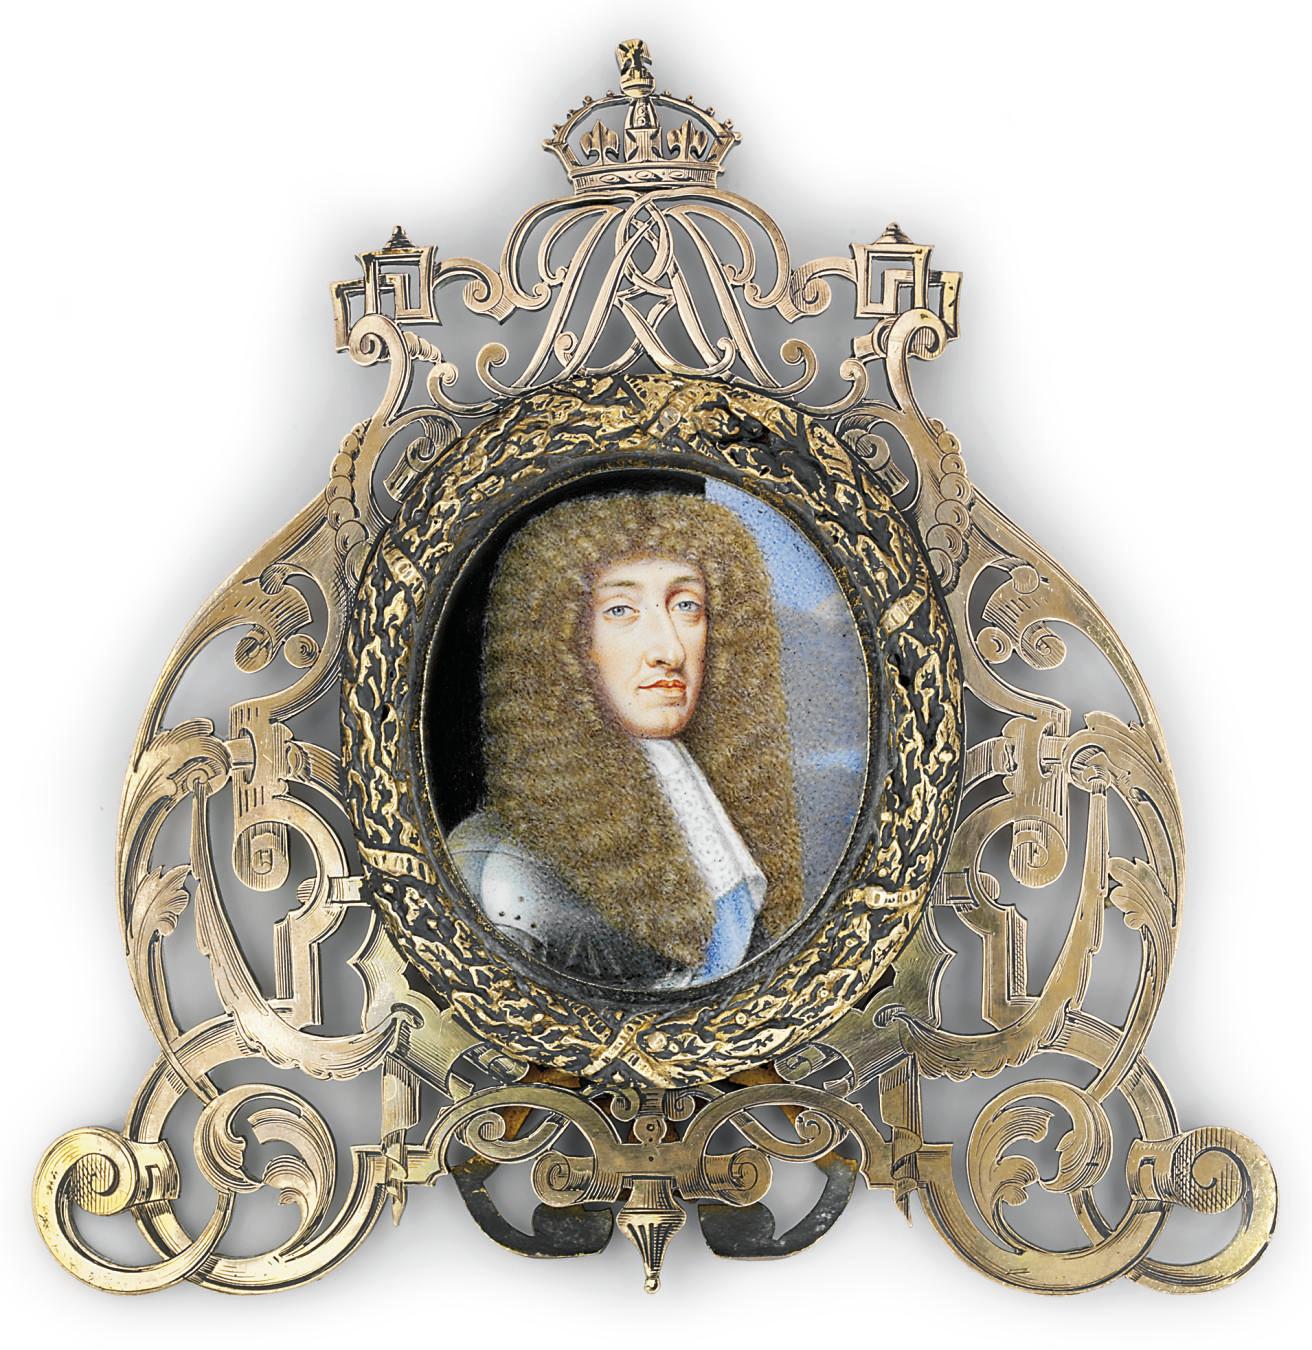 MICHAEL ROSSE (BRITISH, 1650-1